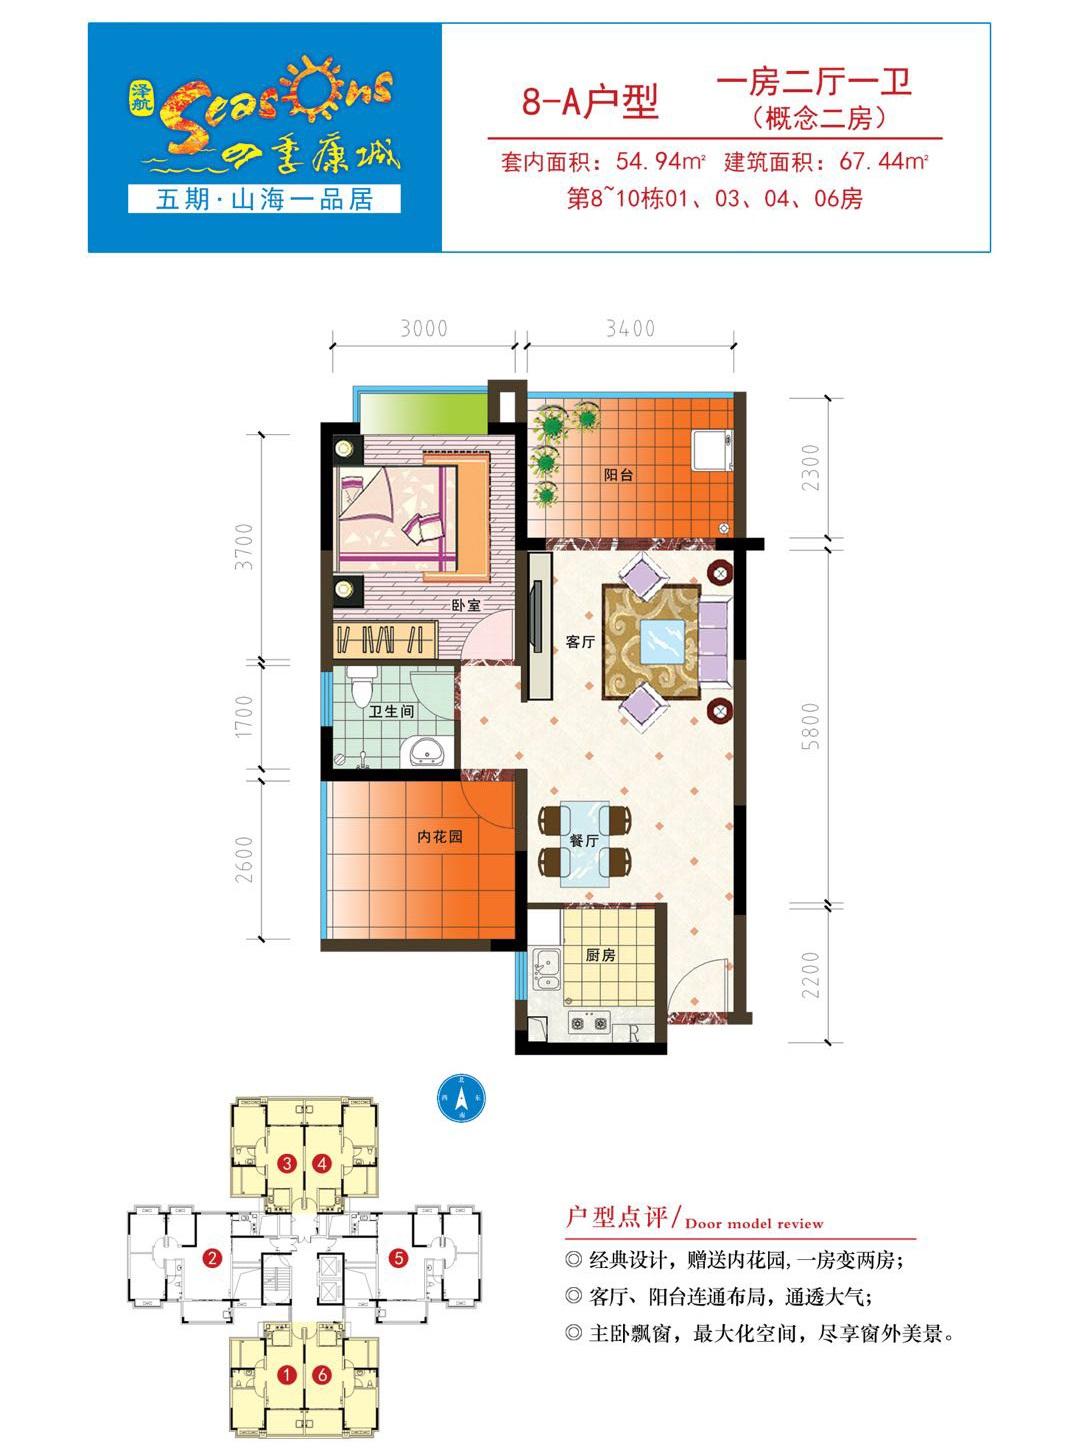 四季康城五期山海一品居8-A户型  一房两厅一卫   建筑面积:67.44平